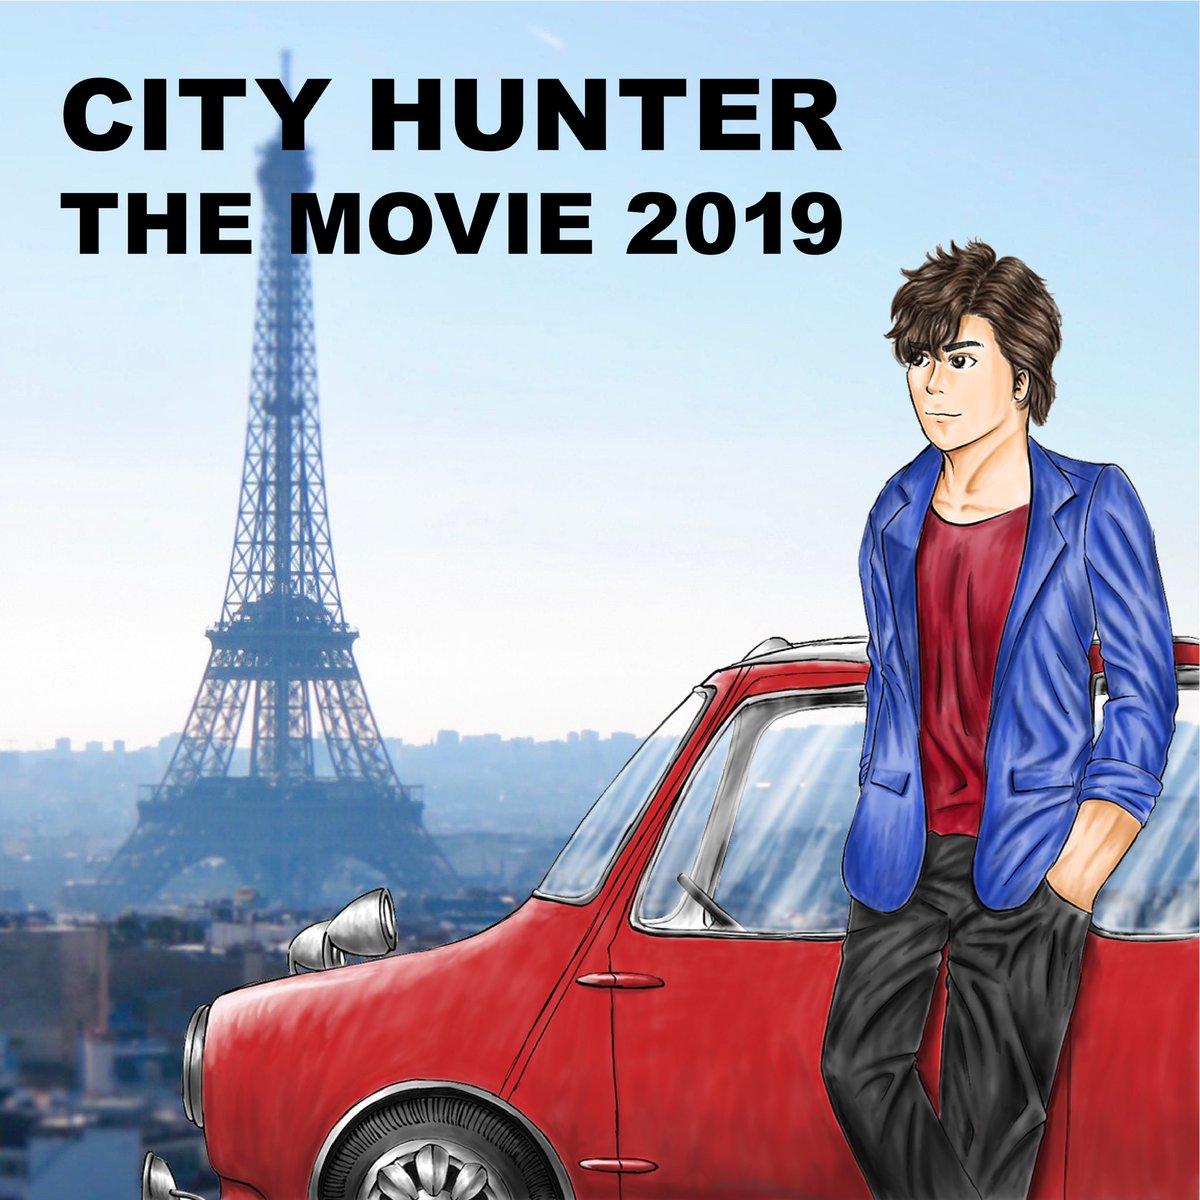 ギリギリ間に合いましたw フランスの実写版なのでフランスの風景写真を背景にしました。 映画とても面白かったです! #獠ちゃんとMINI #シティーハンター #シティーハンターthemovie史上最香のミッション  @PhilippeLacheau  @kamiyaakira29  @yamachanoha https://t.co/zEfAP8ecE6